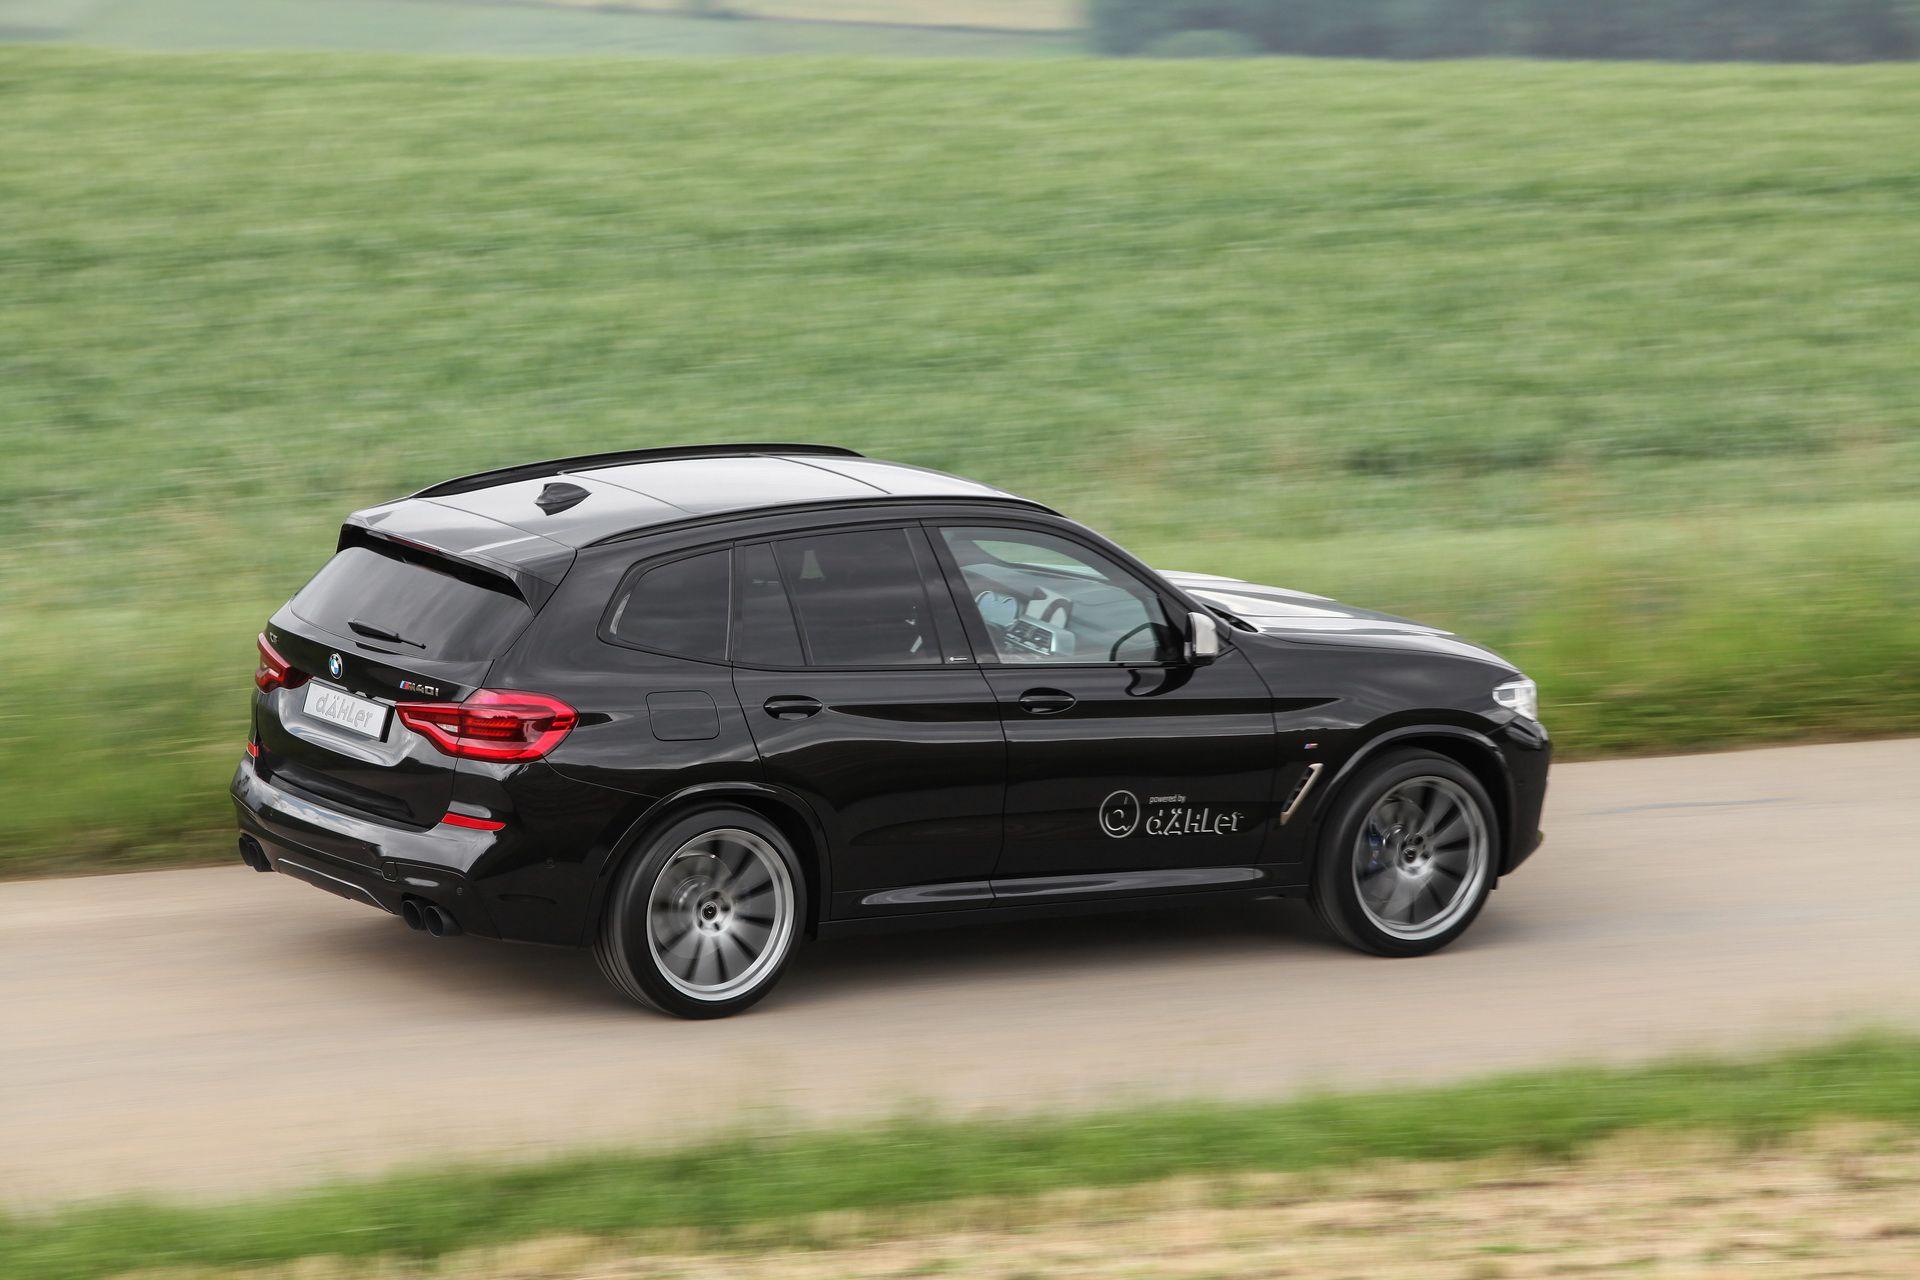 BMW_X3_M40i_by_Dahler_0010